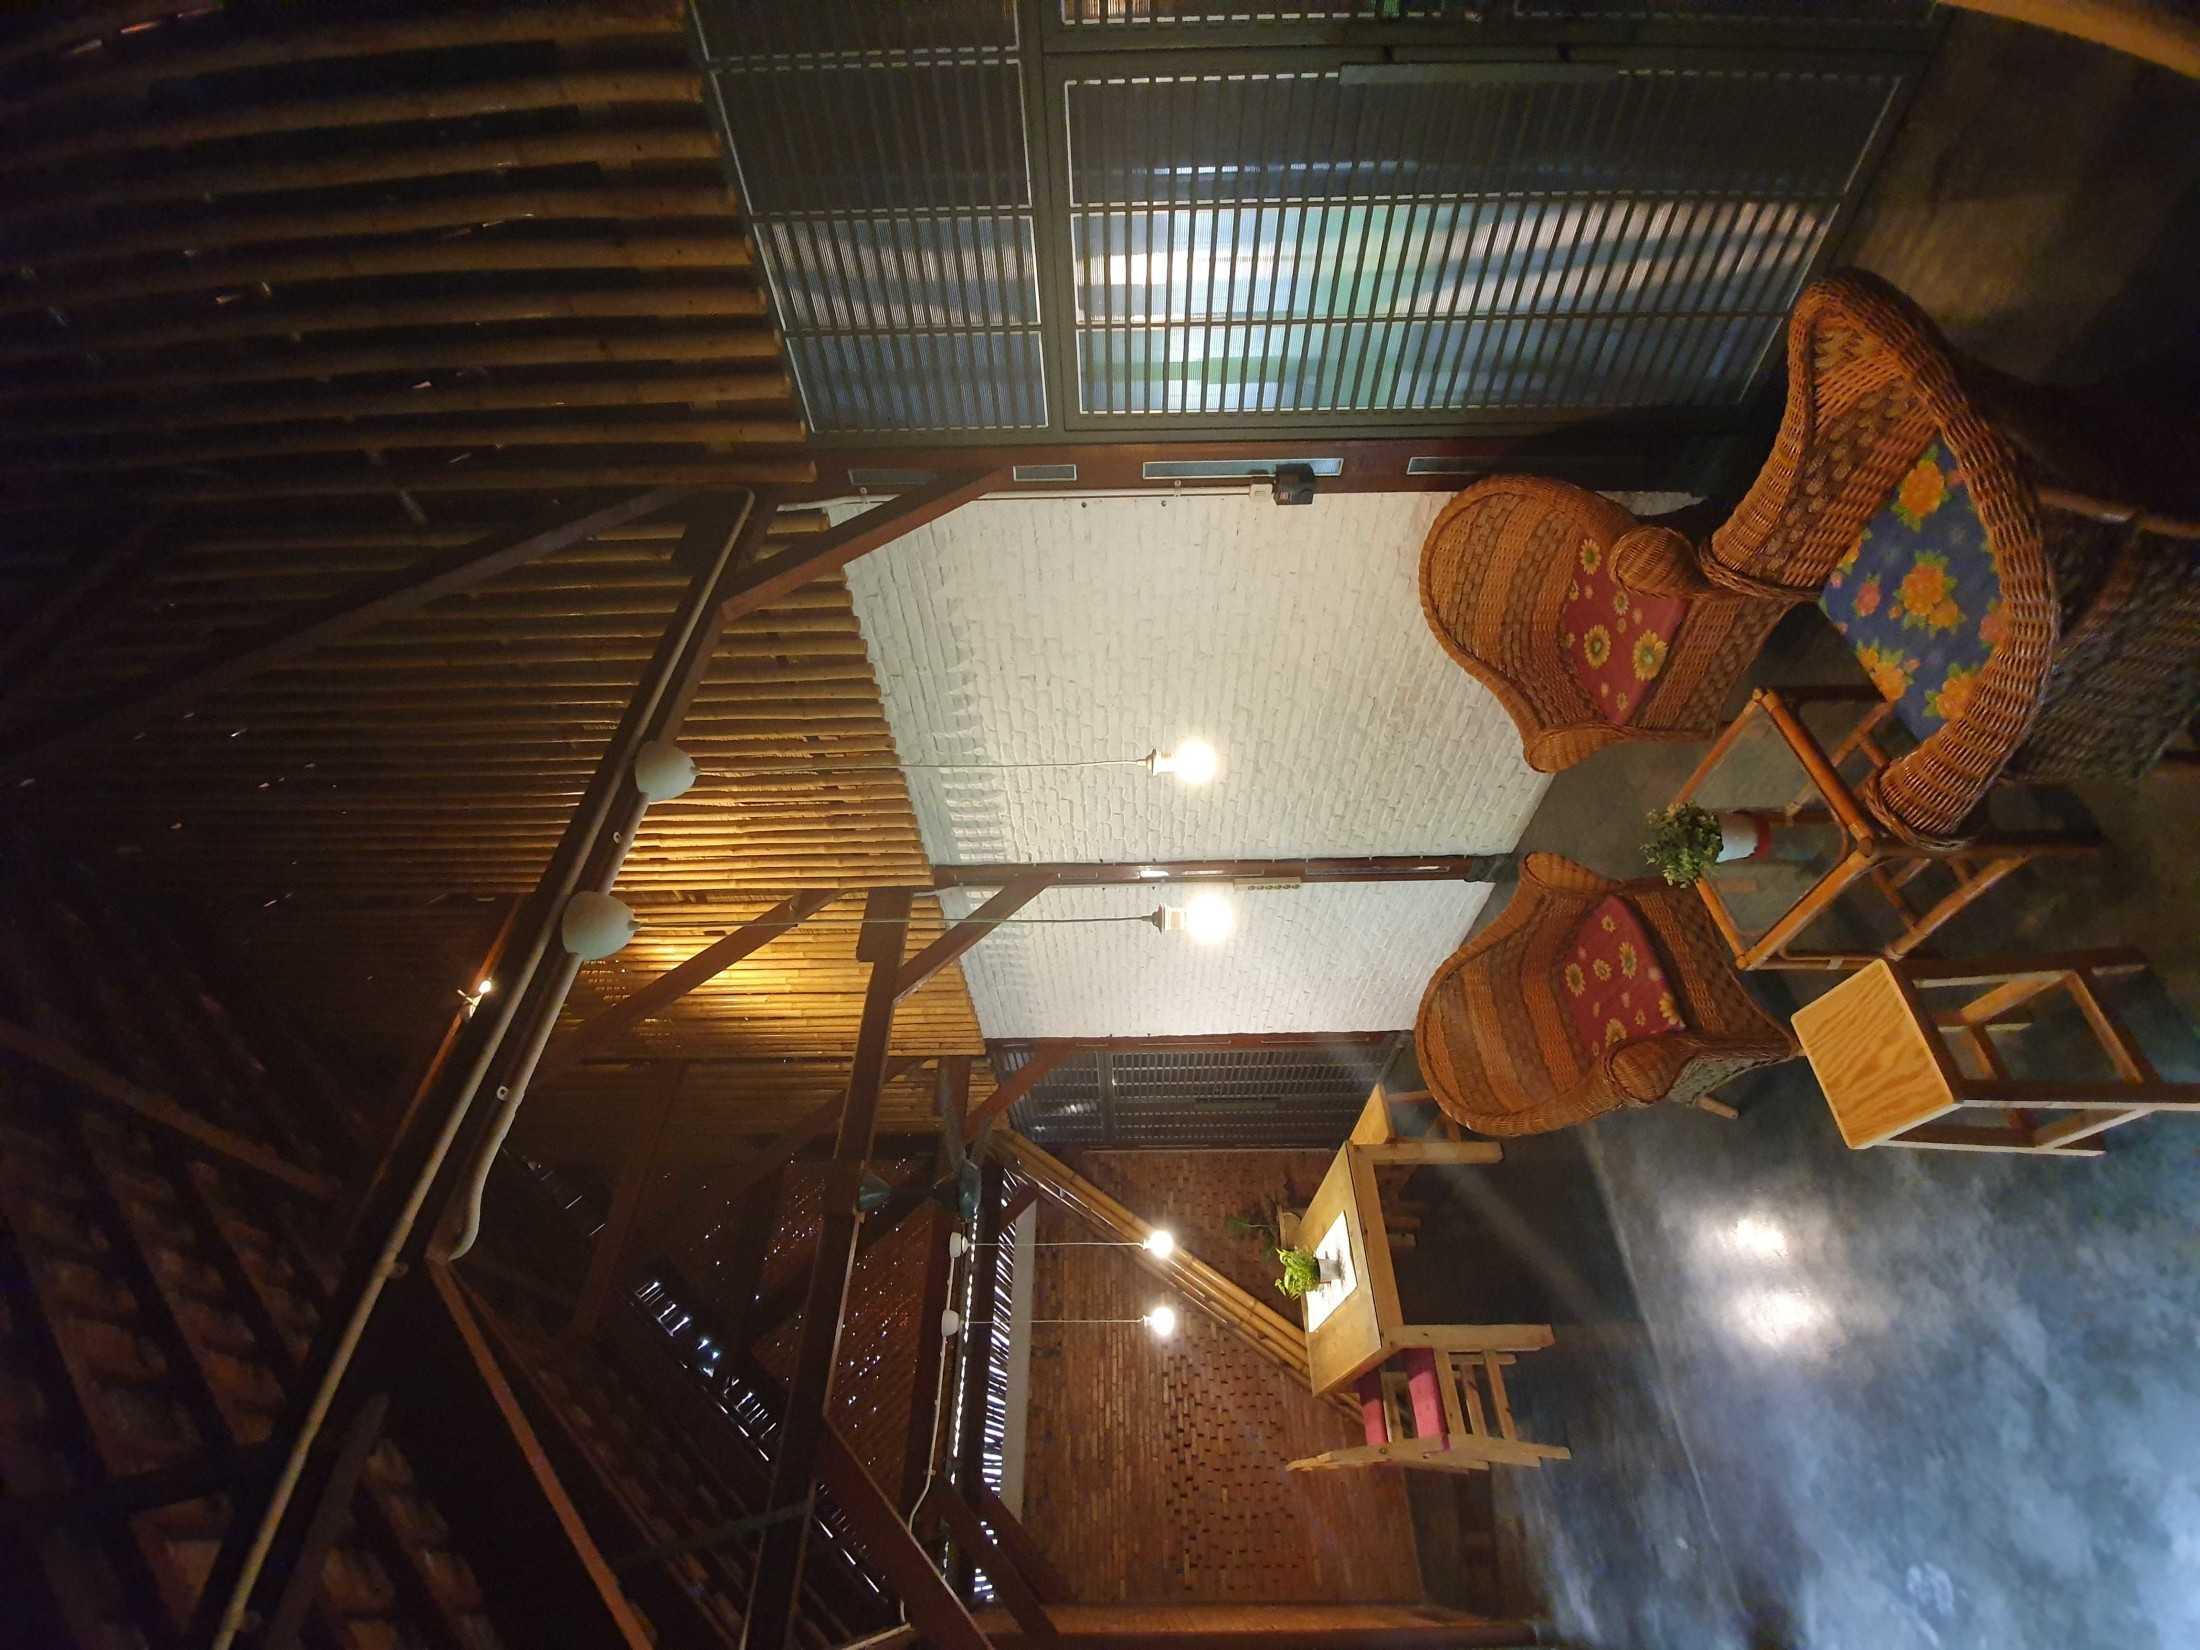 Arsitek Pramudya Paviliun Bentara Jl. Swatantra No.1, Rt.005/rw.004, Jatirasa, Kec. Jatiasih, Kota Bks, Jawa Barat 17424, Indonesia Jl. Swatantra No.1, Rt.005/rw.004, Jatirasa, Kec. Jatiasih, Kota Bks, Jawa Barat 17424, Indonesia Arsitek-Pramudya-Paviliun-Bentara  96742